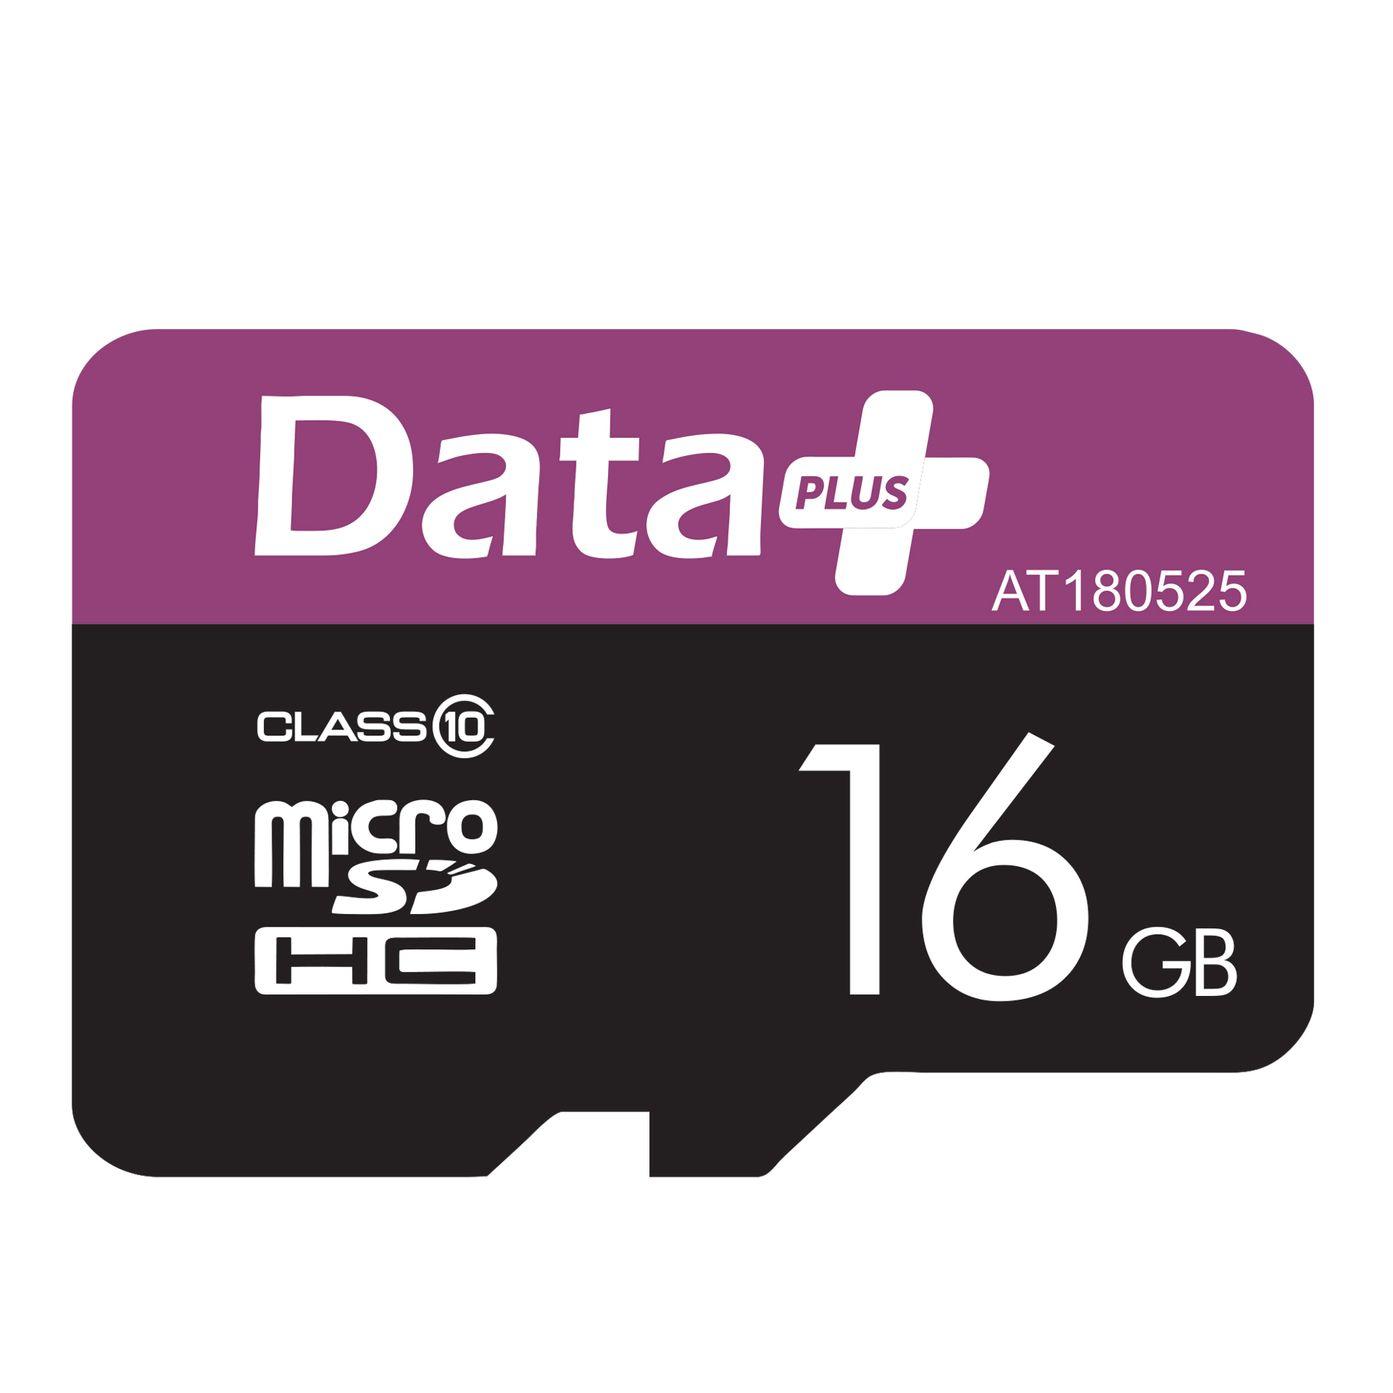 بررسی و {خرید با تخفیف} کارت حافظه microSDHC دیتاپلاس مدل AT180525 کلاس 10 ظرفیت 16 گیگابایت اصل